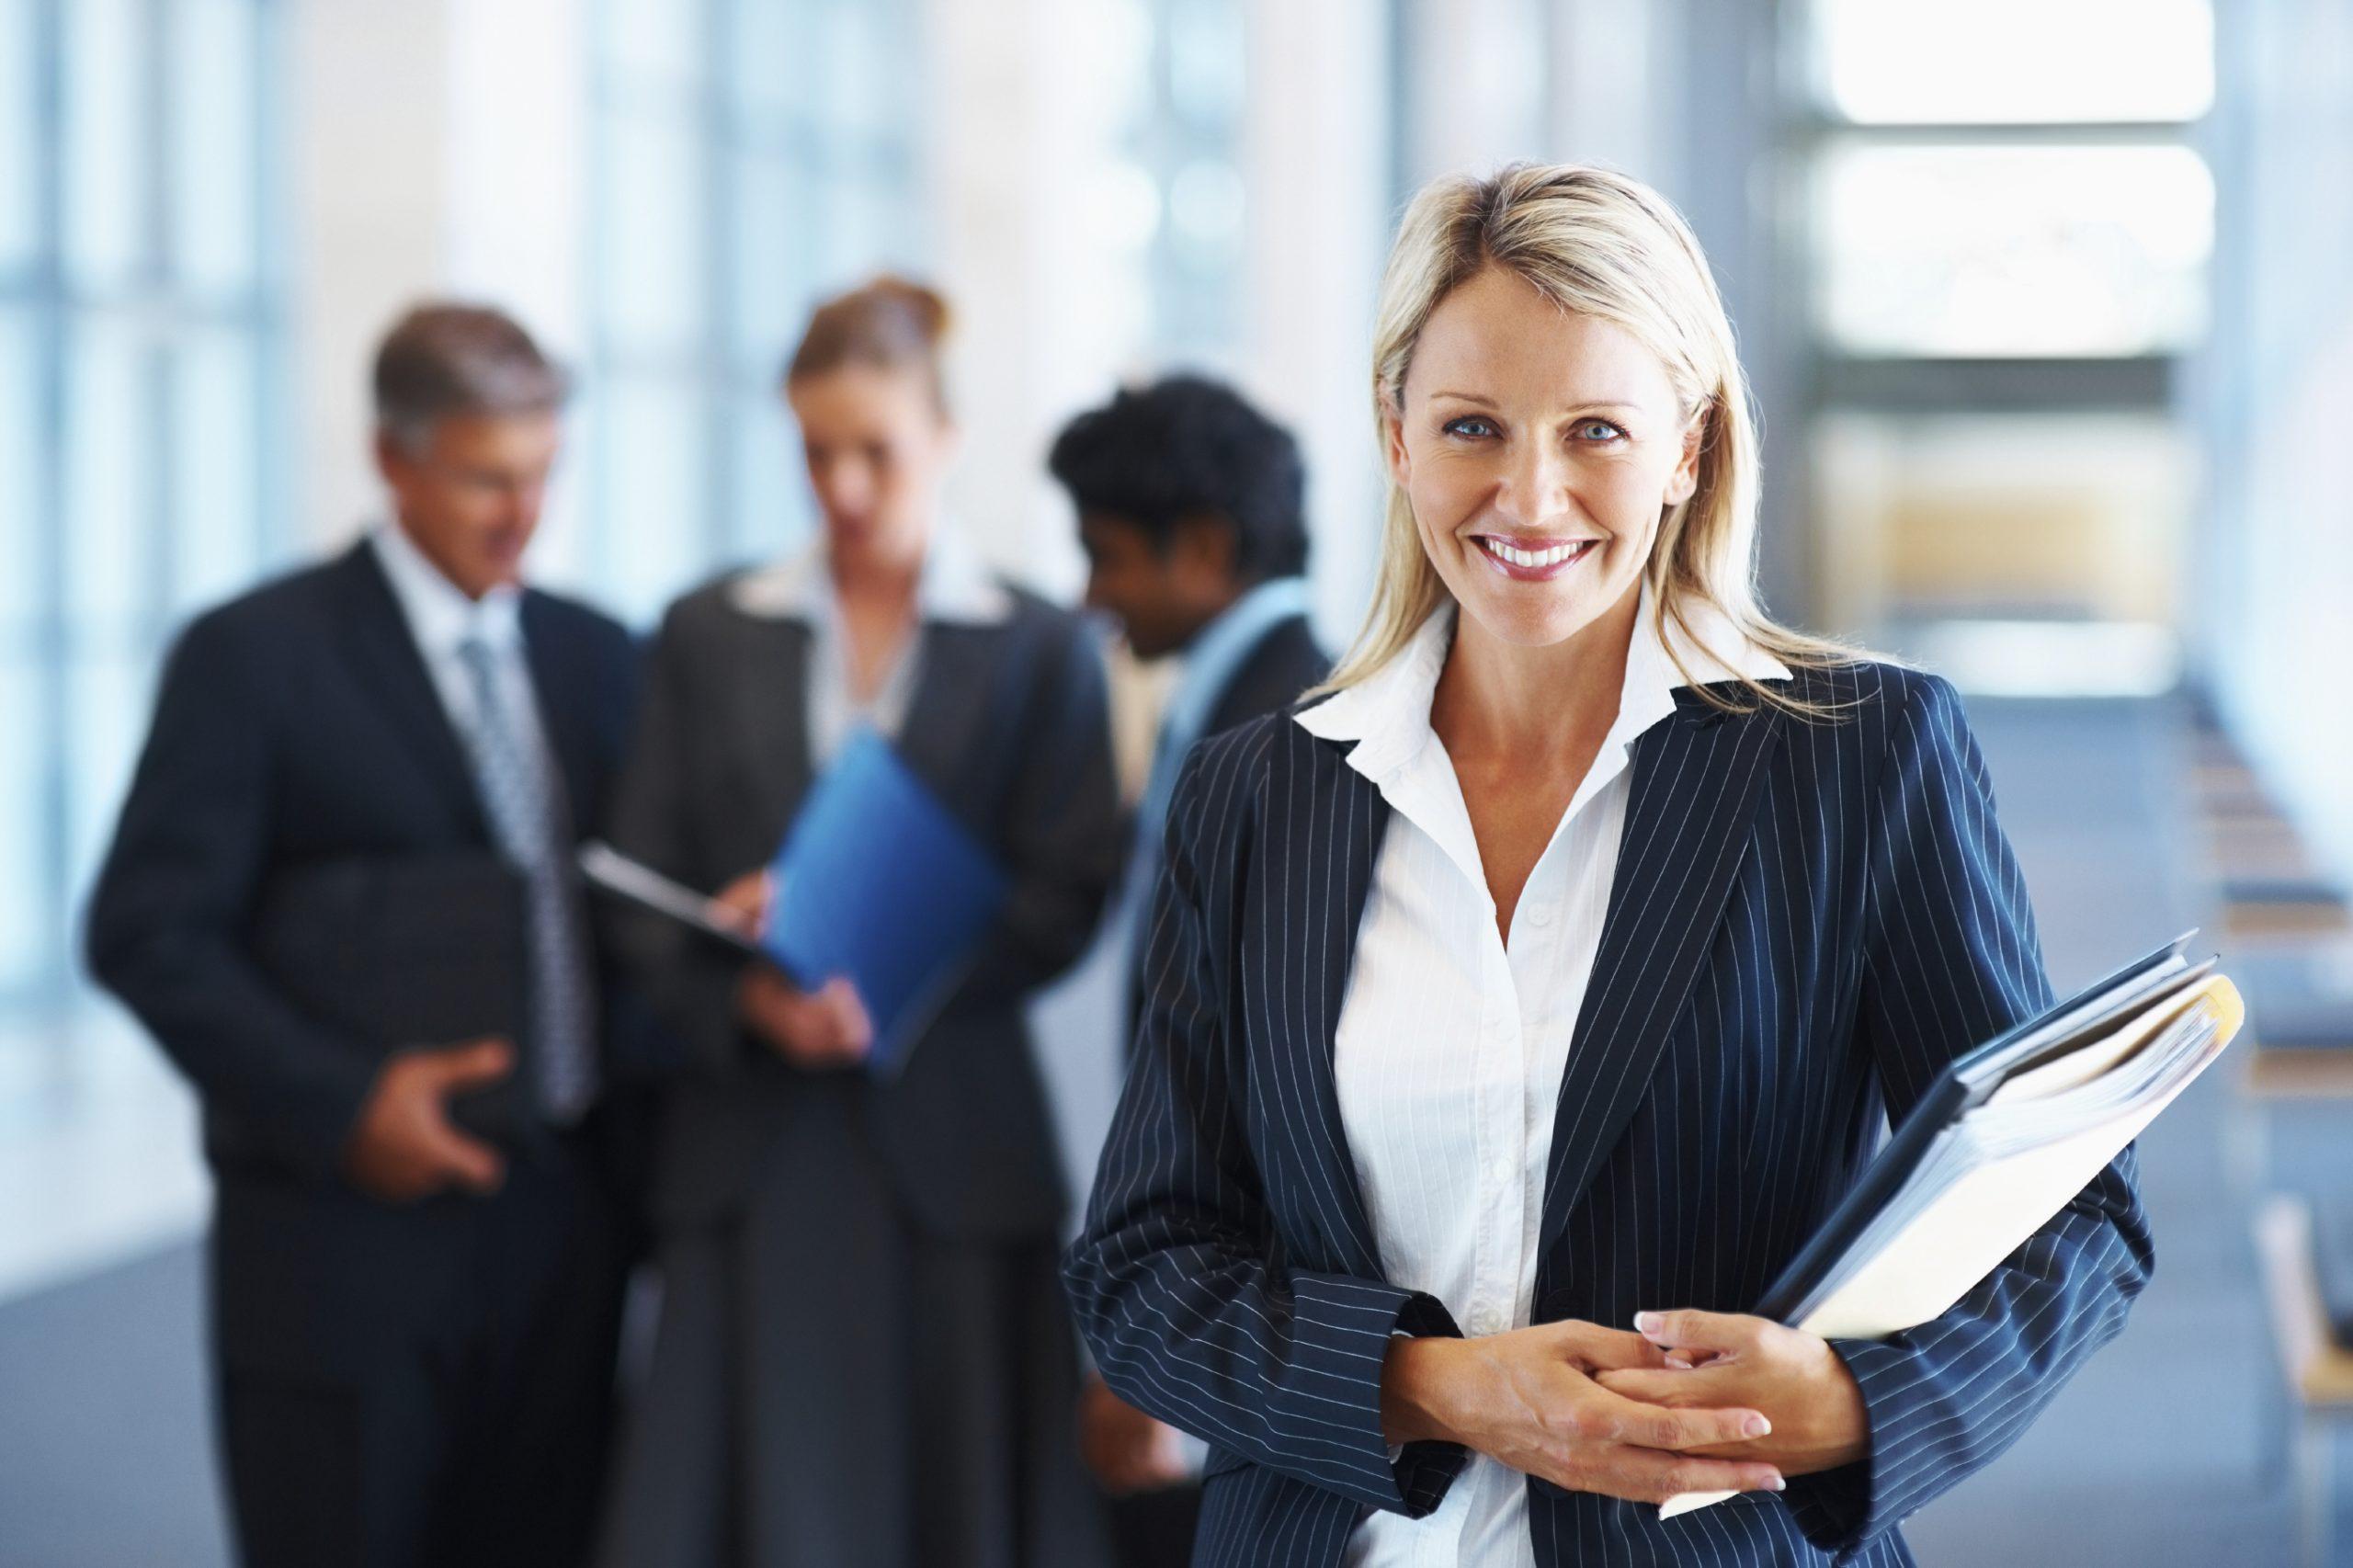 Possibilità di carriera per la donna